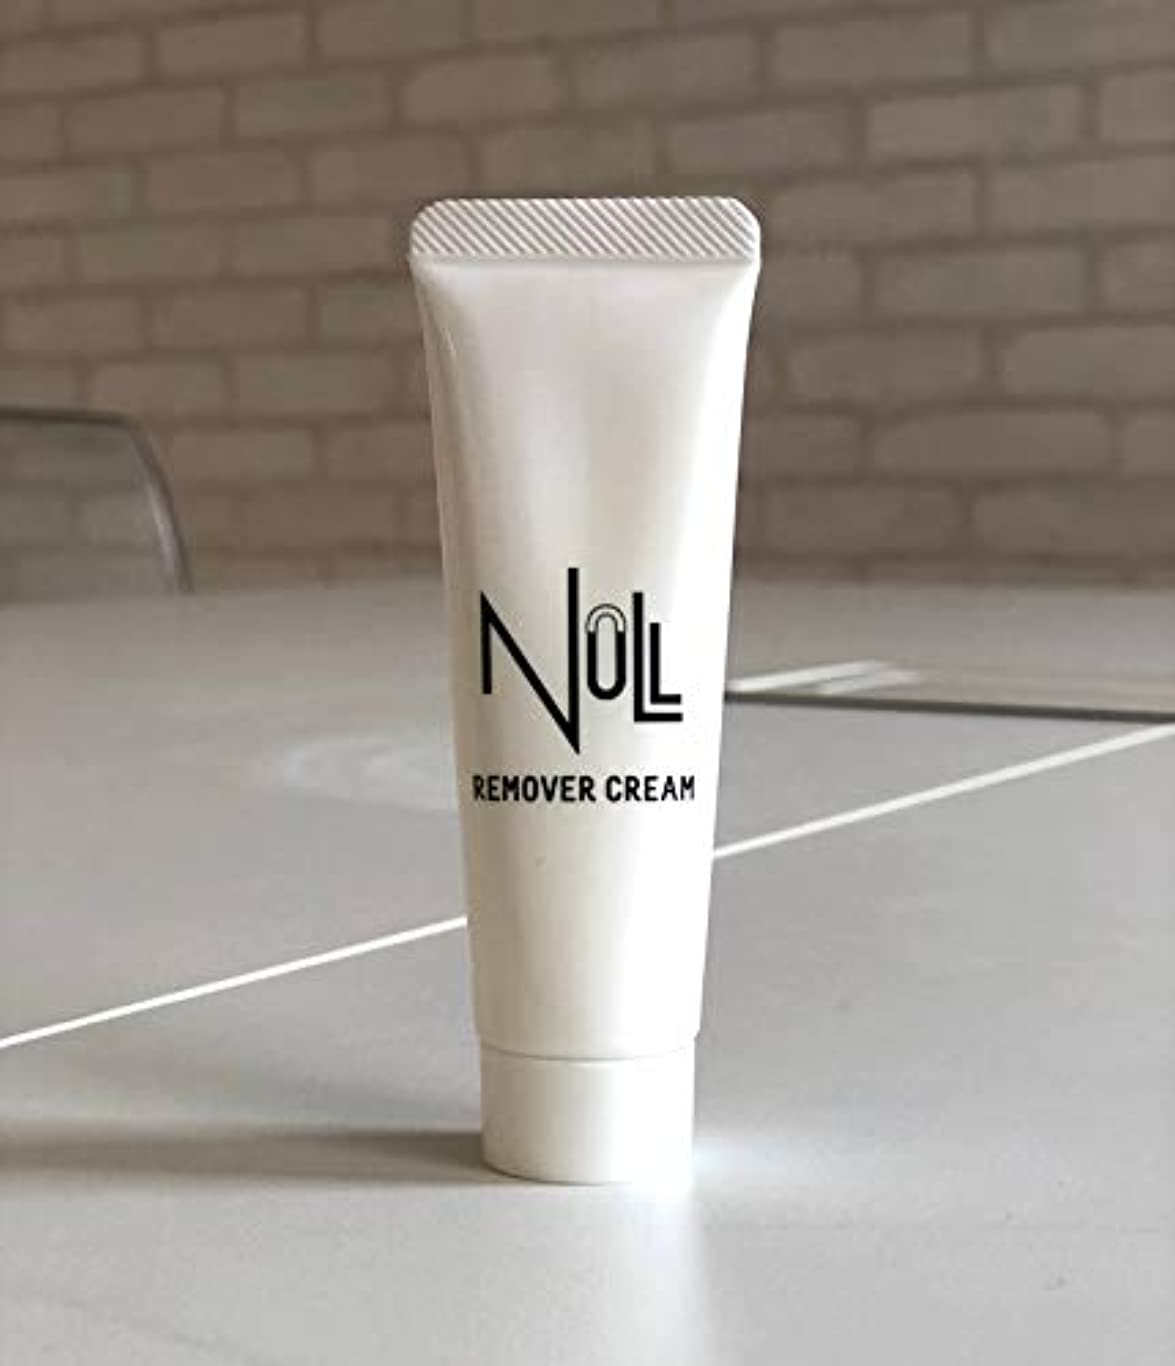 ヘルメットスピーカー実験的NULL メンズ 薬用リムーバークリーム 除毛クリーム ミニサンプル 20g (陰部/Vライン/アンダーヘア/ボディ用)